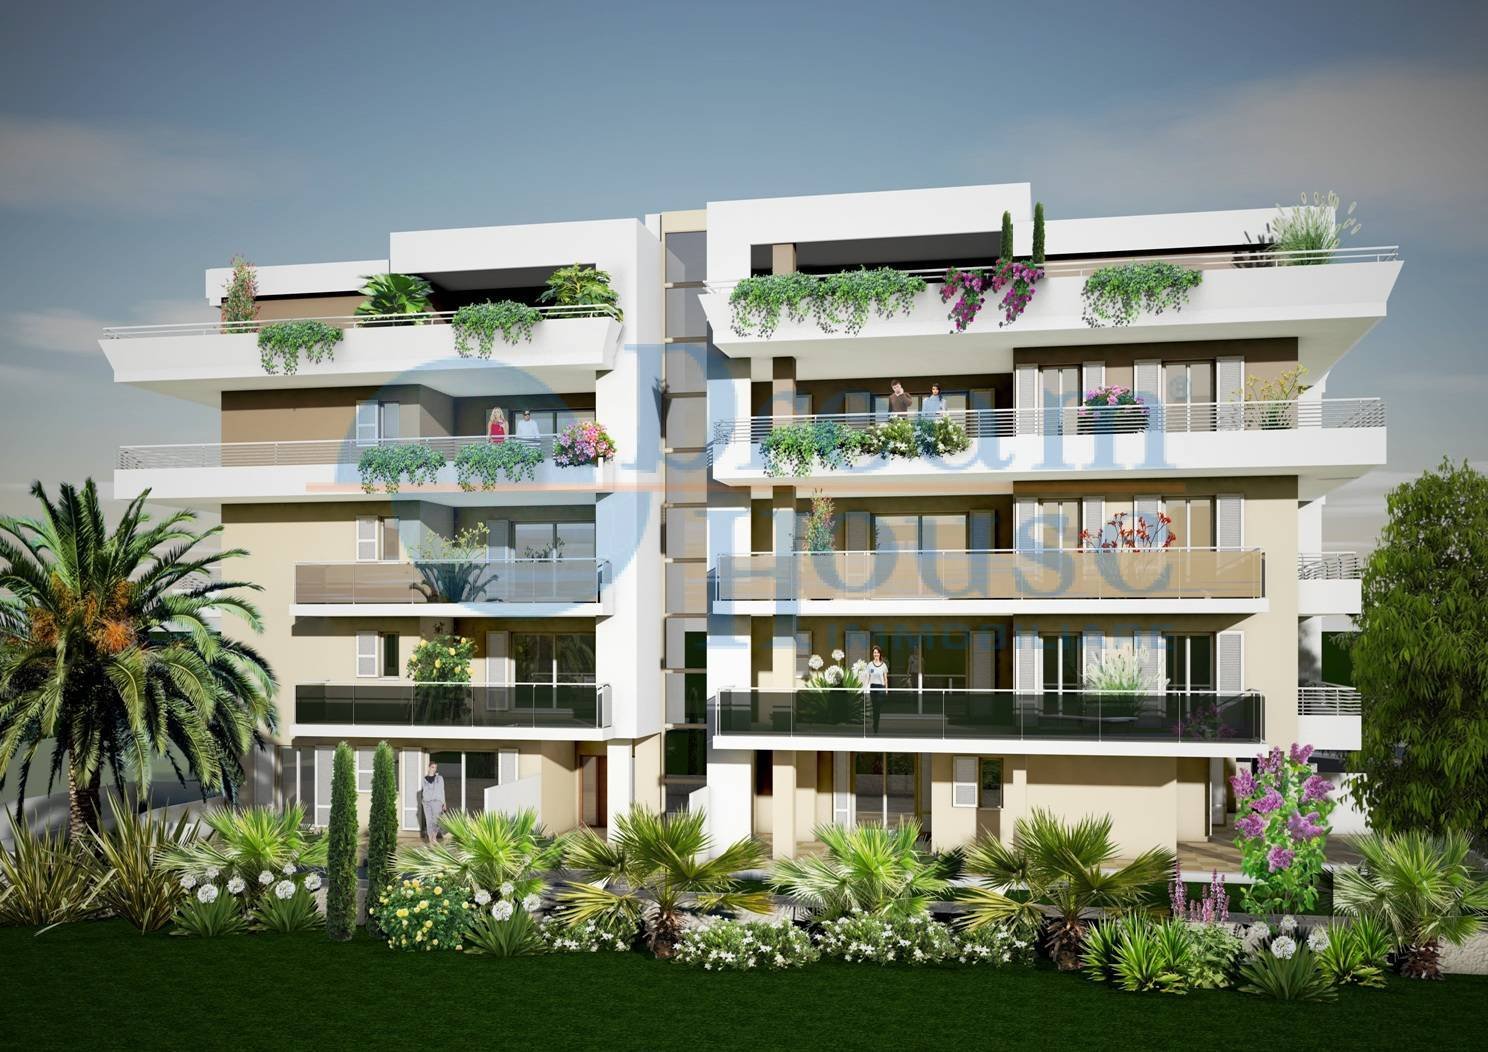 Appartamento in vendita a Tortoreto, 3 locali, zona Località: TORTORETOLIDO, prezzo € 168.000 | PortaleAgenzieImmobiliari.it